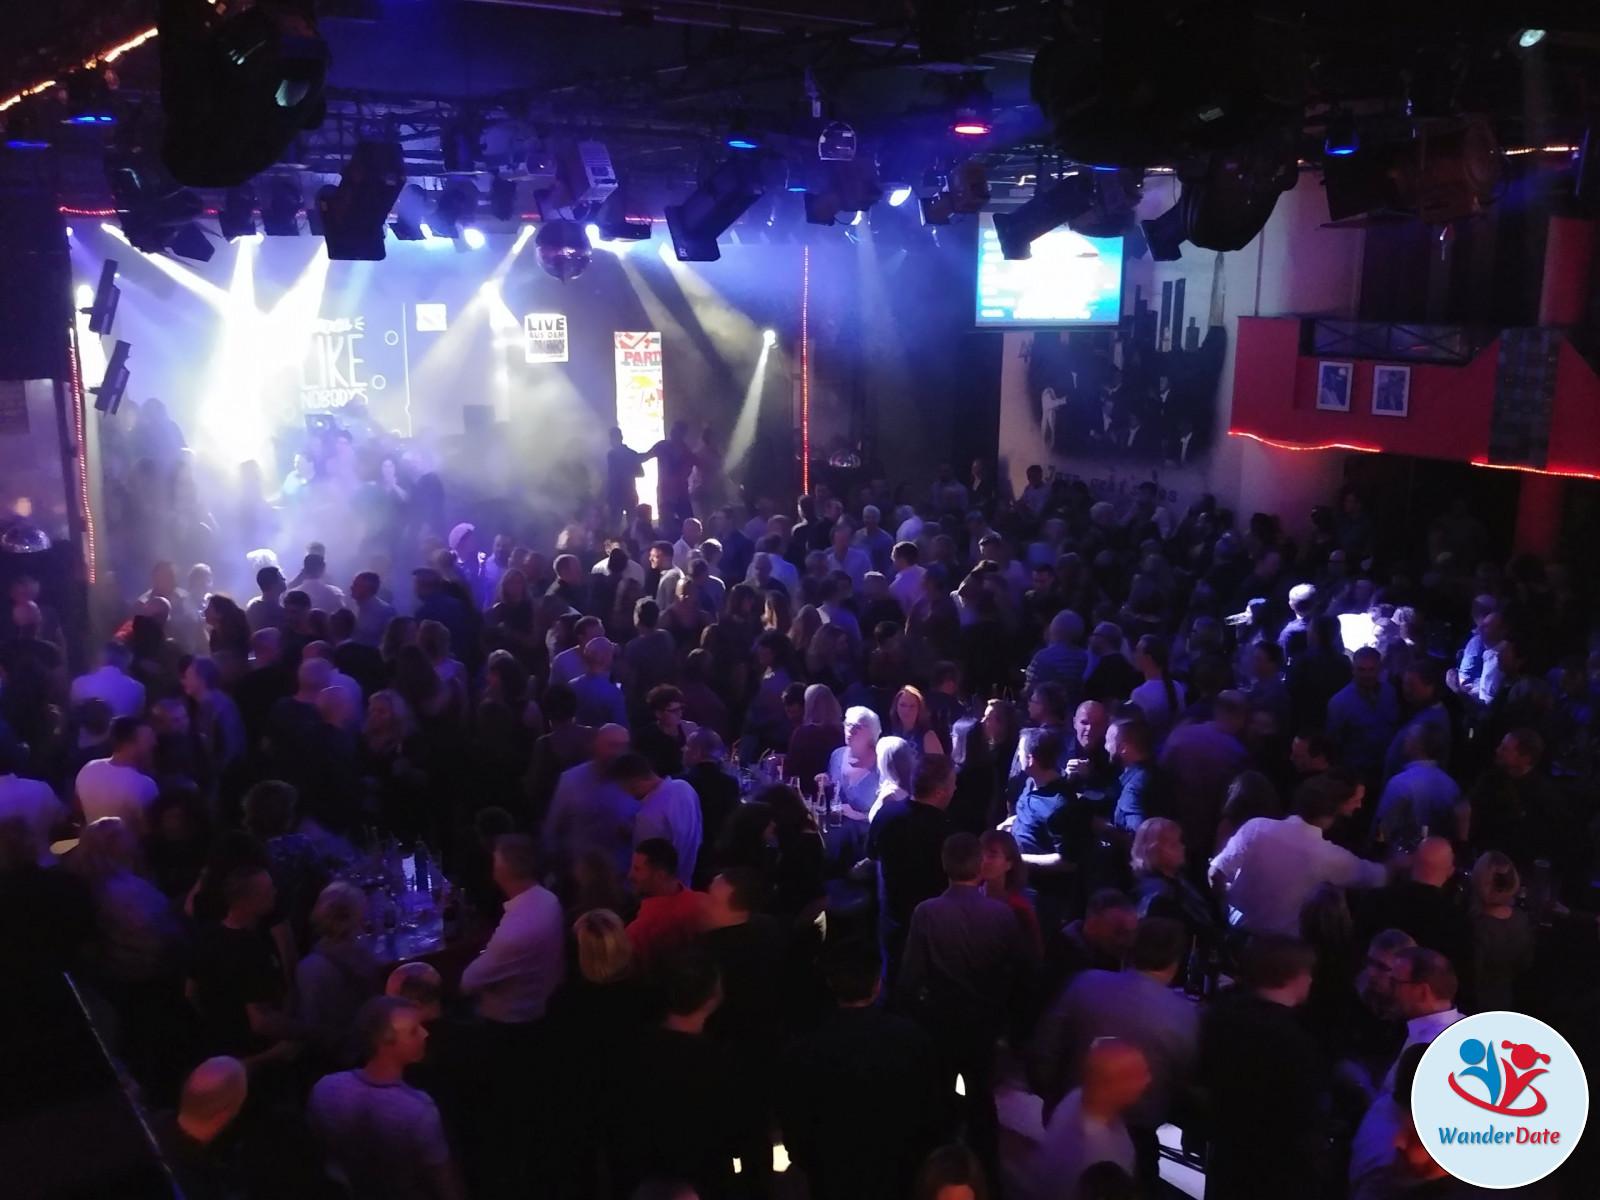 Velvet Club in Frankfurt - Partyfotos, Events, Adresse, Öffnungszeiten - blogger.com